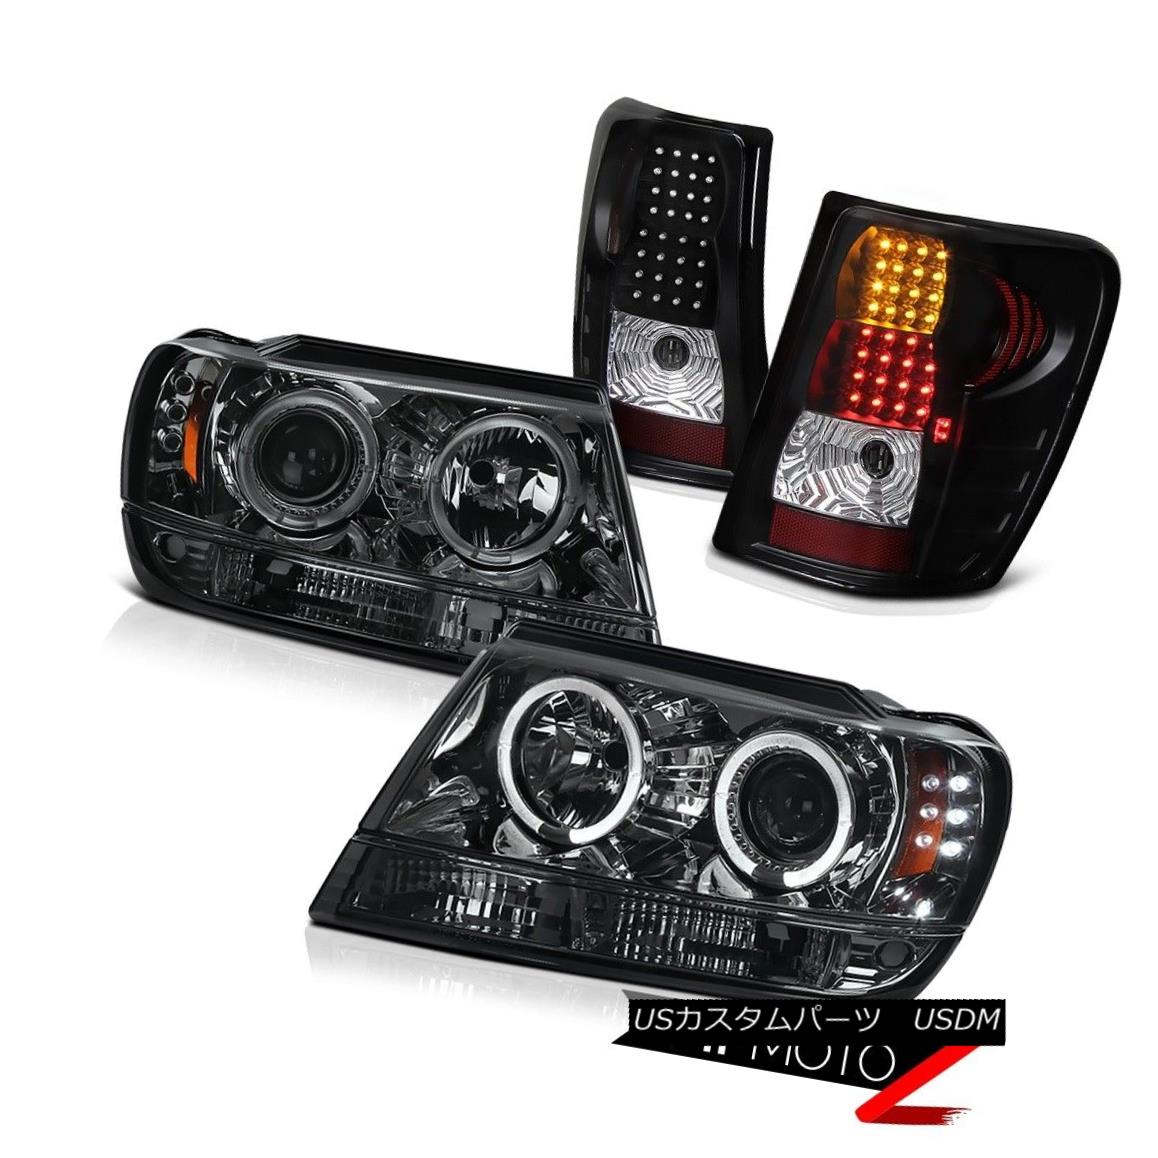 ヘッドライト GRAND CHEROKEE 99-04 SMOKE/CHROME HALO PROJECTOR HEADLIGHT+BLACK LED TAIL LIGHT GRAND CHEROKEE 99-04 SMOKE / CHROMEハロープロジェクターヘッドライト+ BLAC  K LEDテールライト